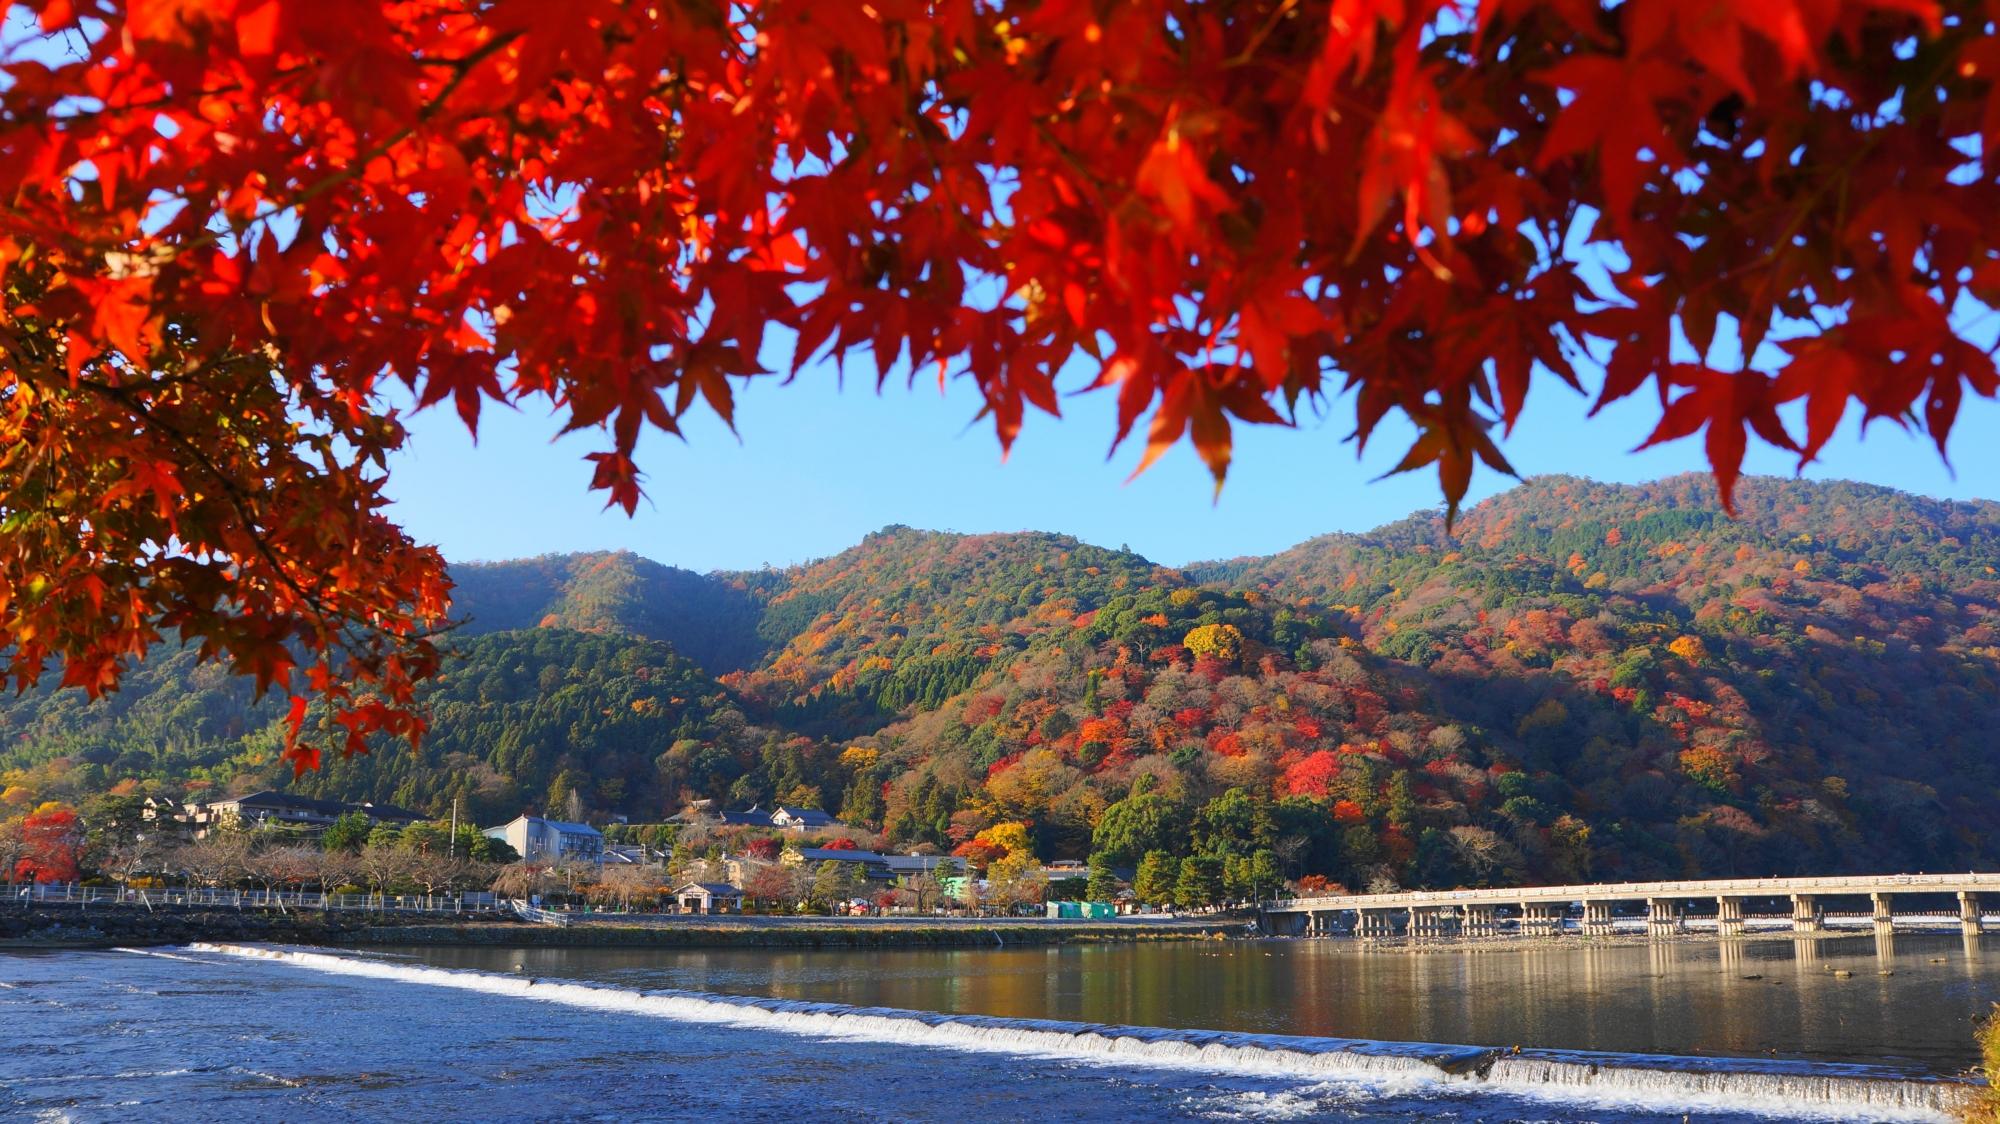 桂川と渡月橋や嵐山の素晴らしい紅葉と秋の情景